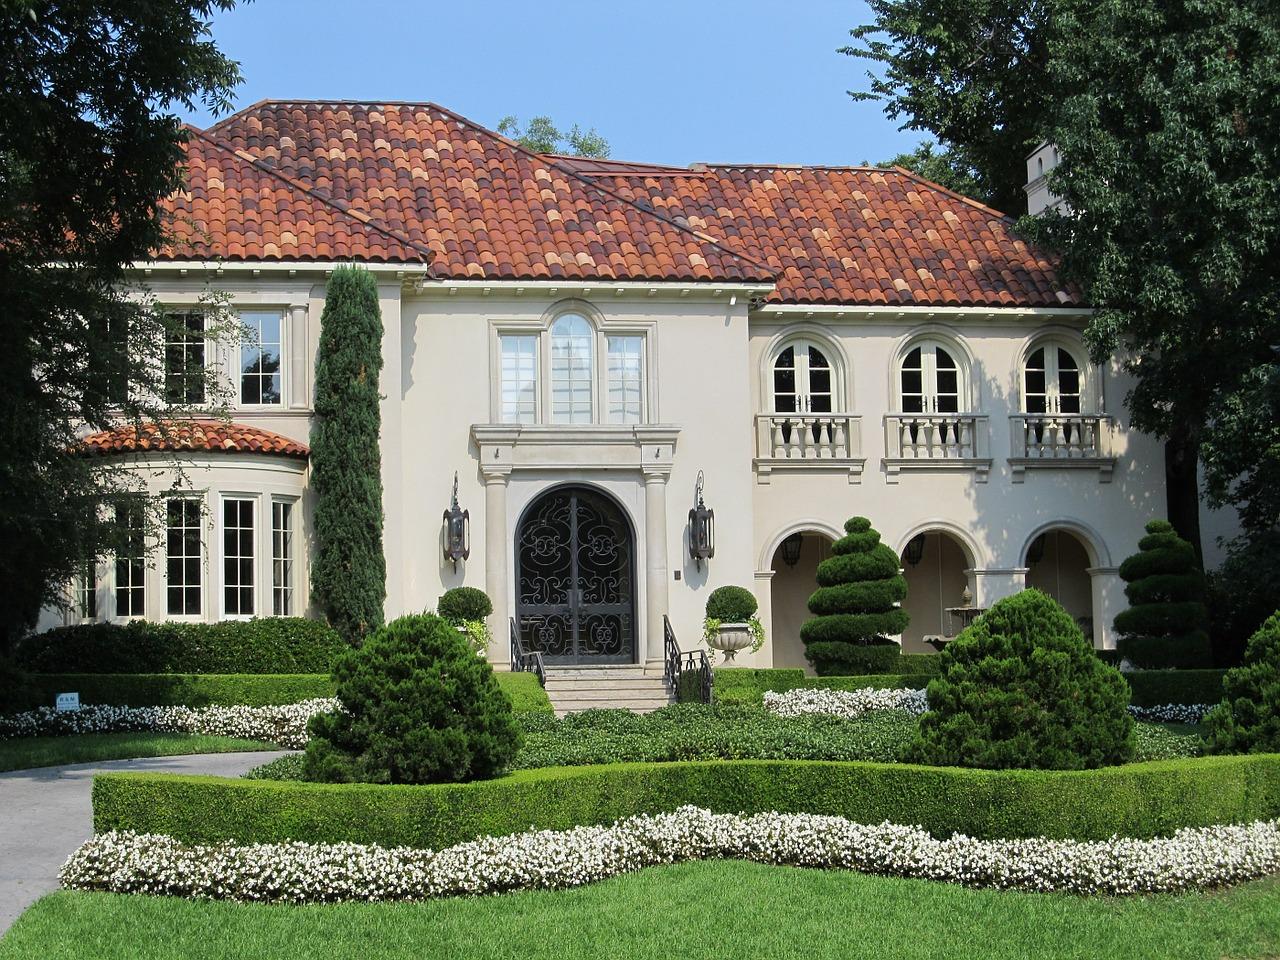 mansion-411128_1280.jpg